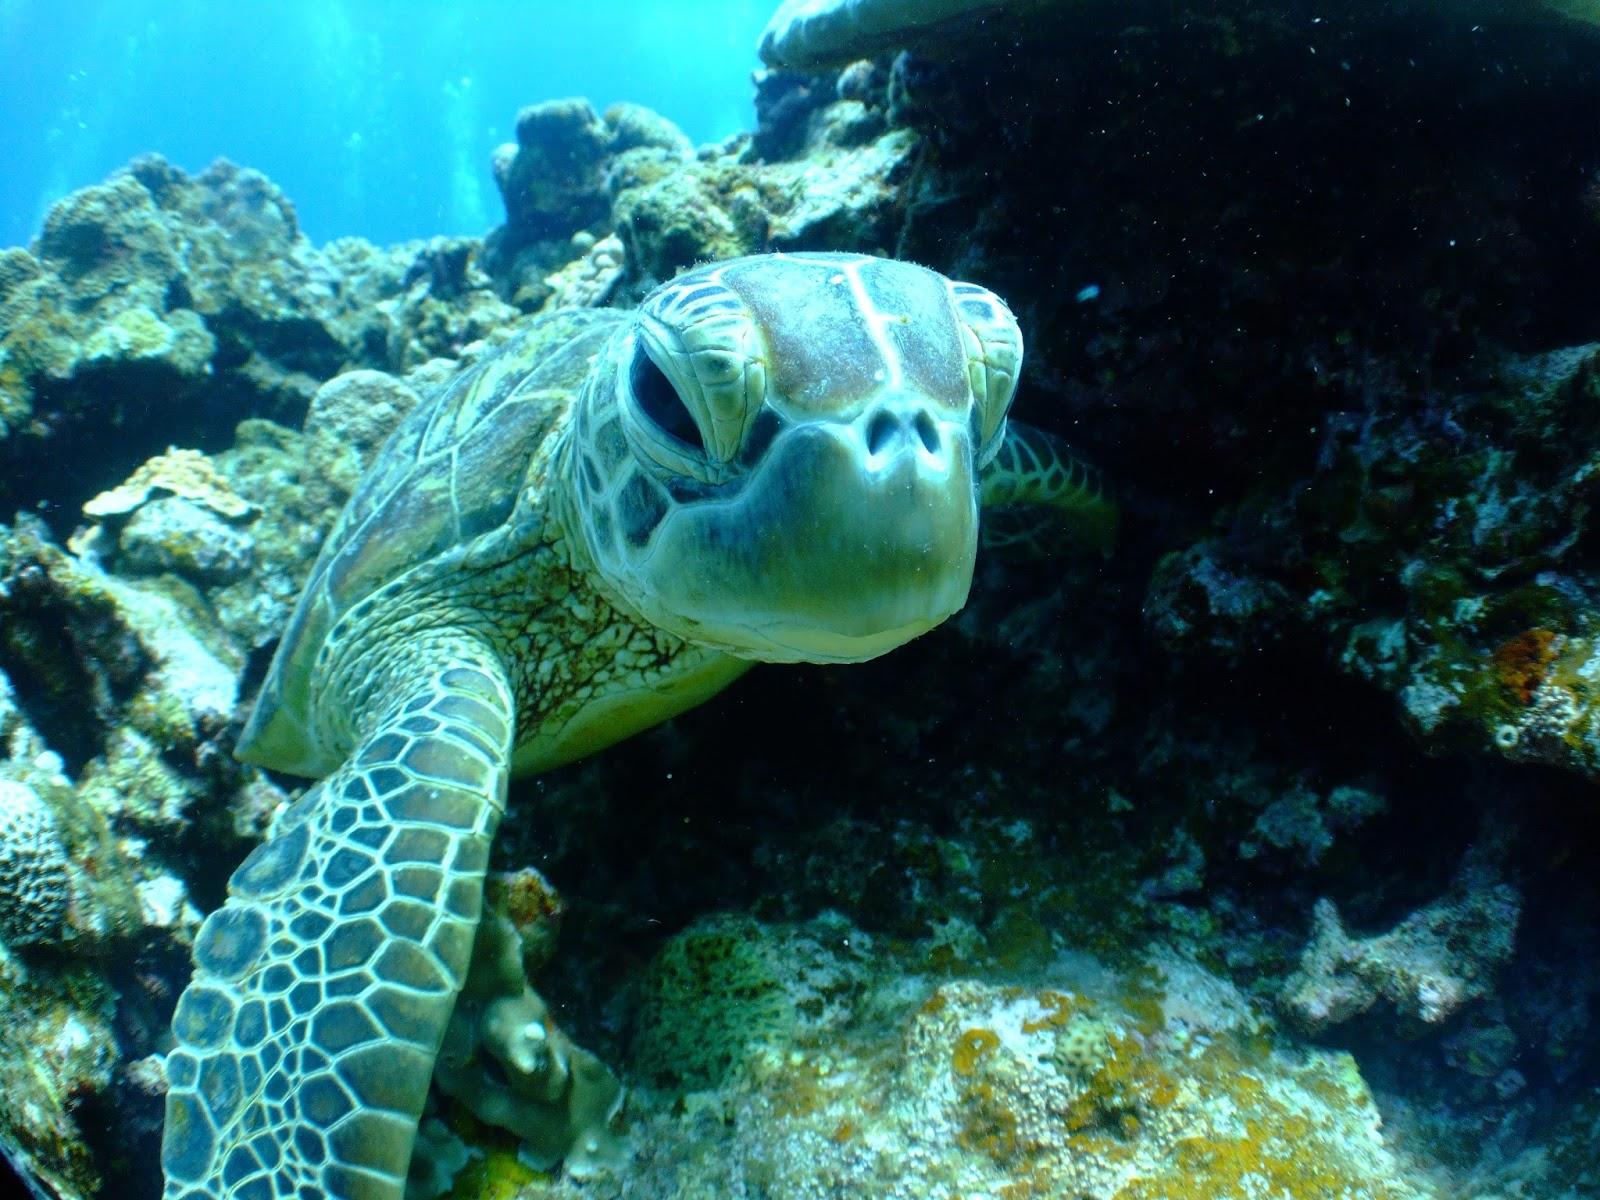 沖繩-沖繩潛水-沖繩浮潛-大度海岸-推薦-潛點-Okinawa-scuba-diving-snorkeling